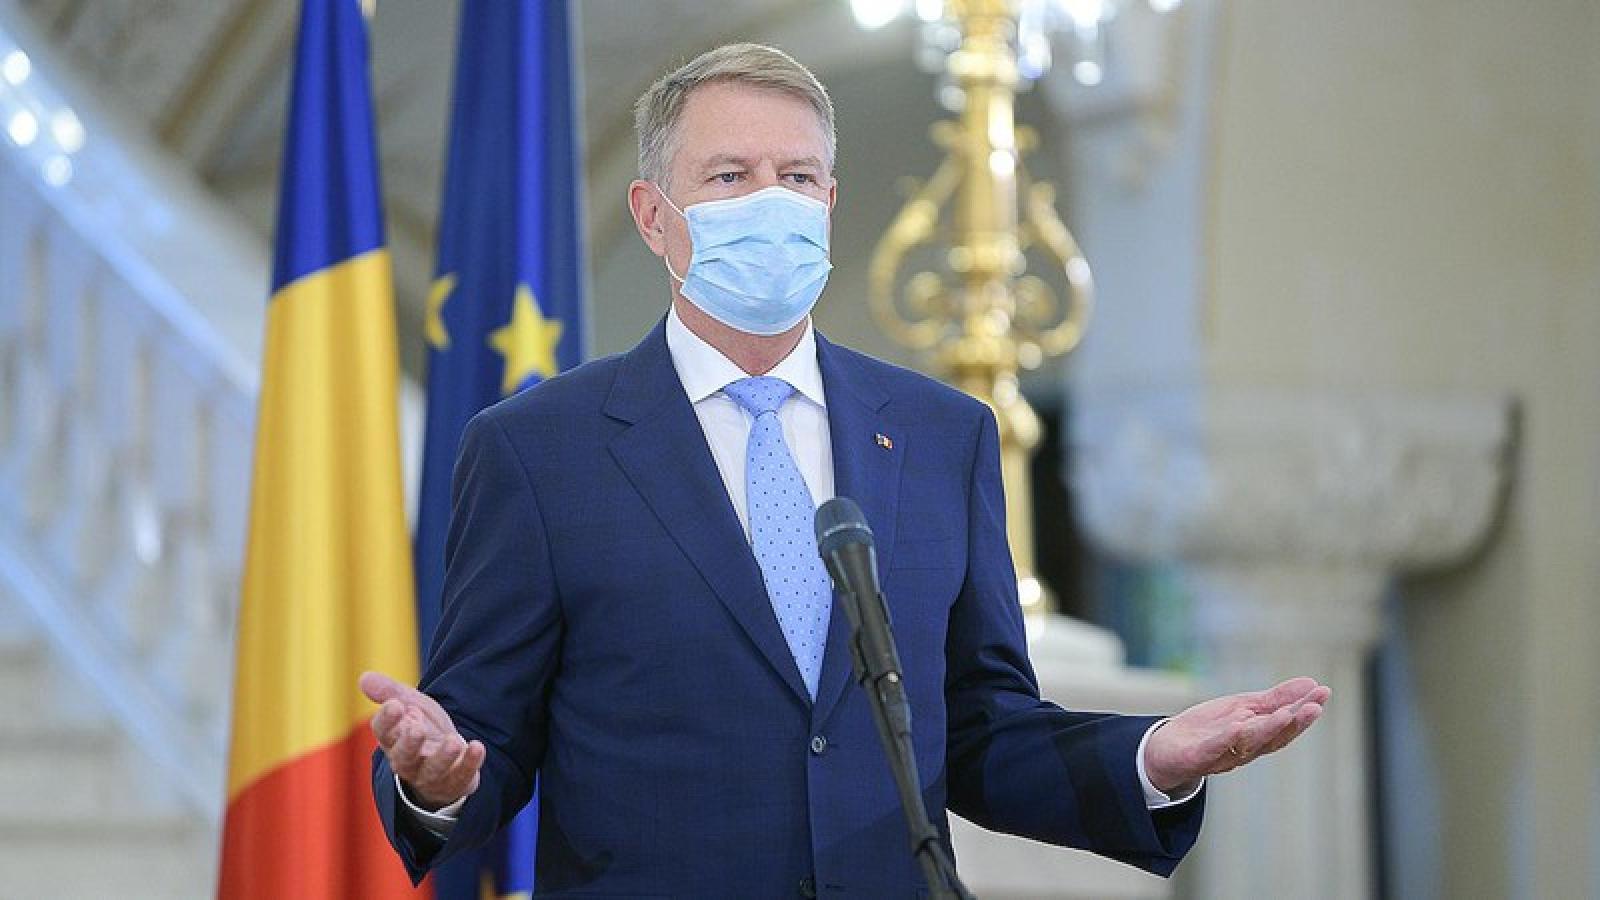 Romania dỡ bỏ lệnh phong tỏa vì Covid-19 sau ngày 15/5